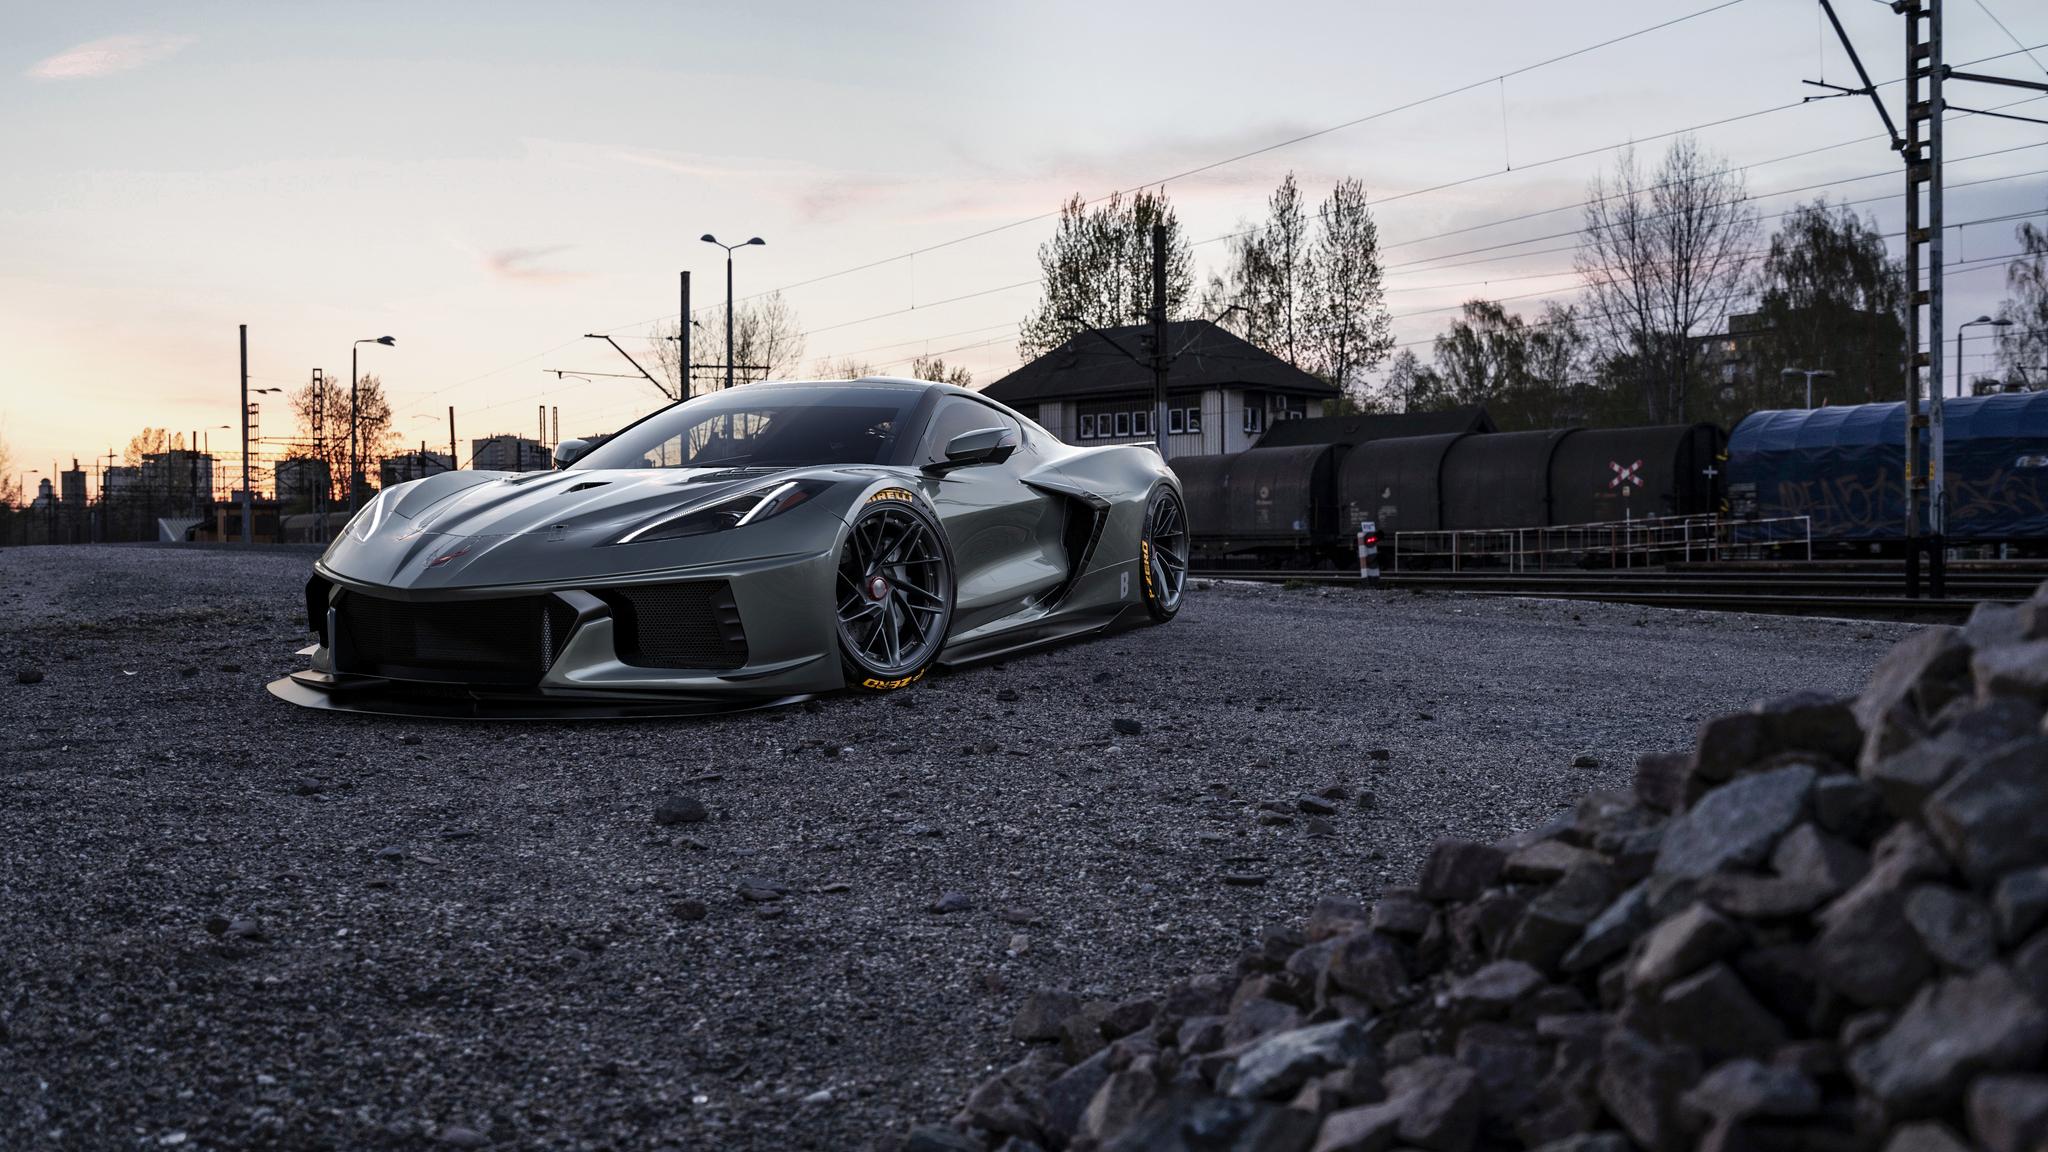 corvette-2020-4k-s4.jpg